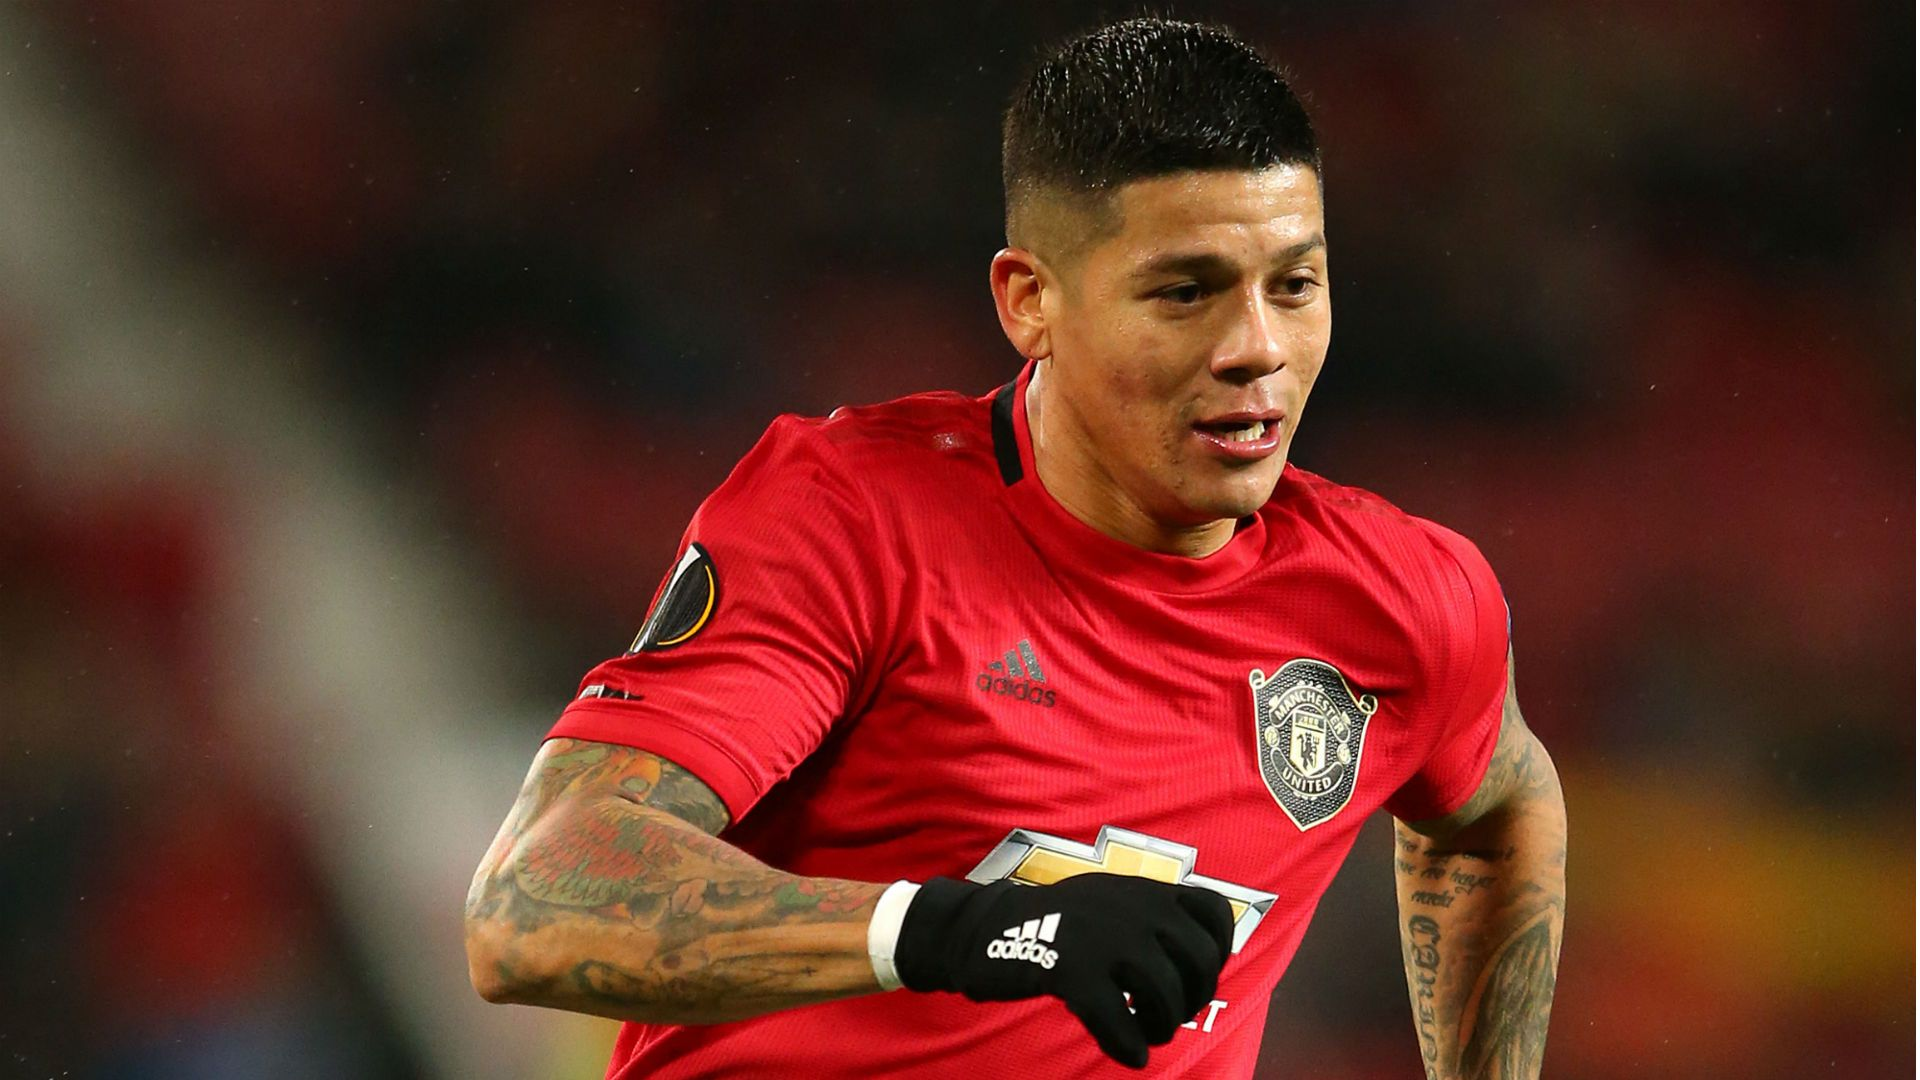 Đã rõ thời điểm Marcos Rojo rời Man United - Bóng Đá